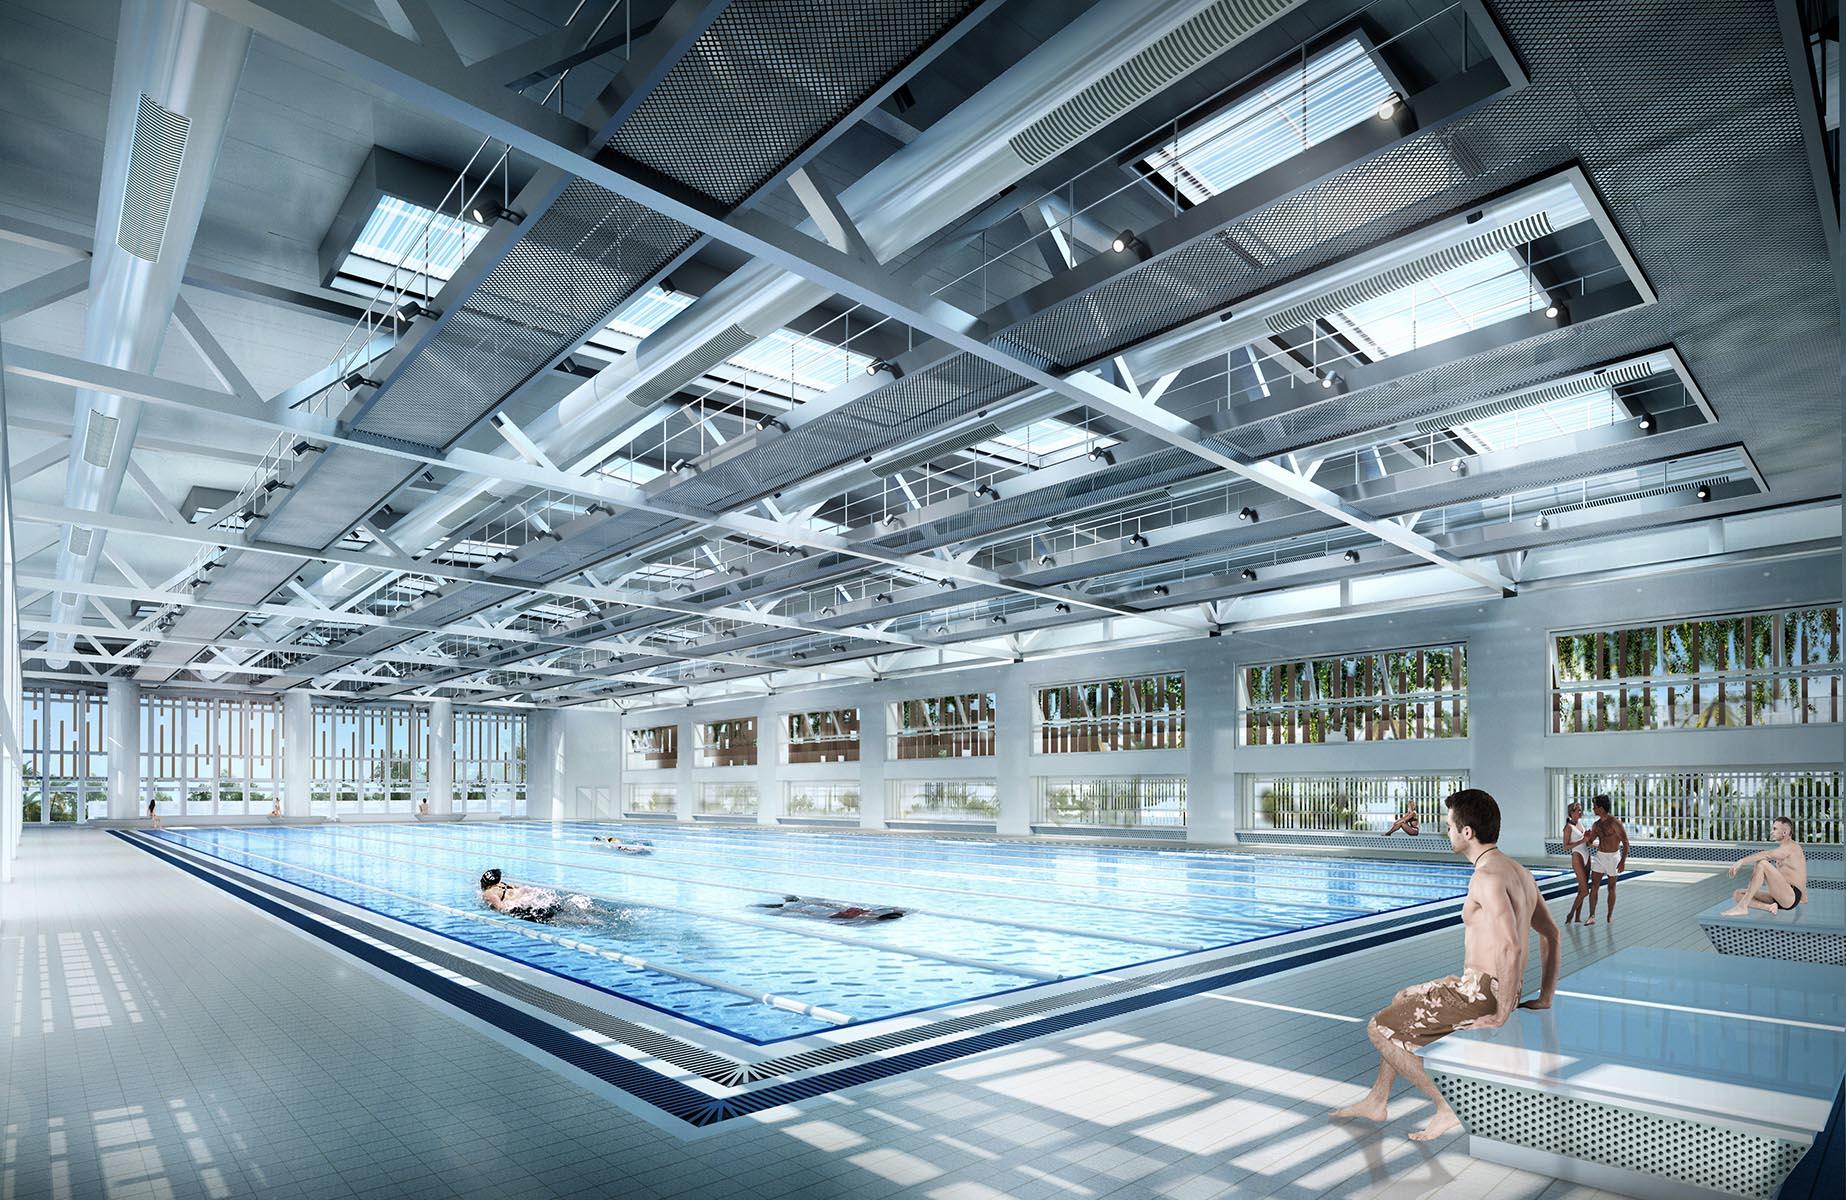 摩士公园游泳池改建工程